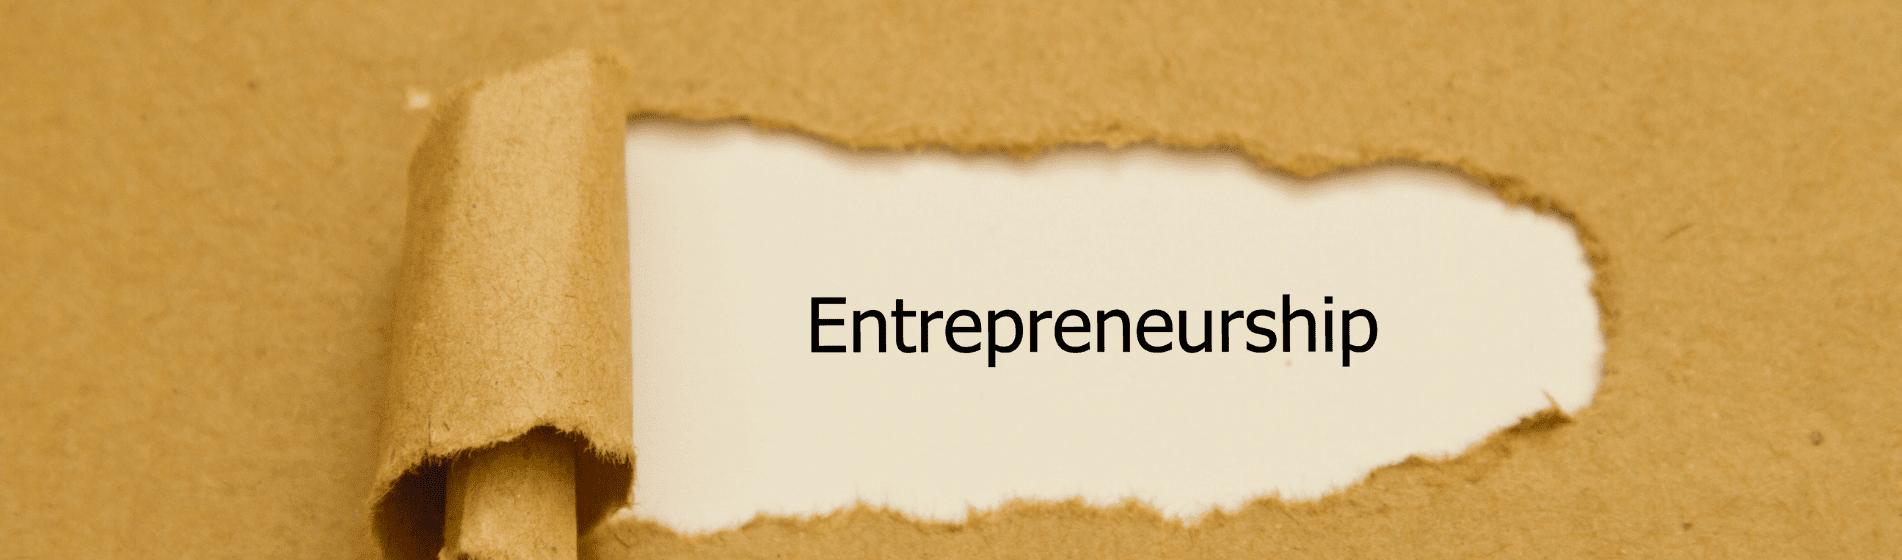 Global entrepreneurship – Interview with Trep Talks